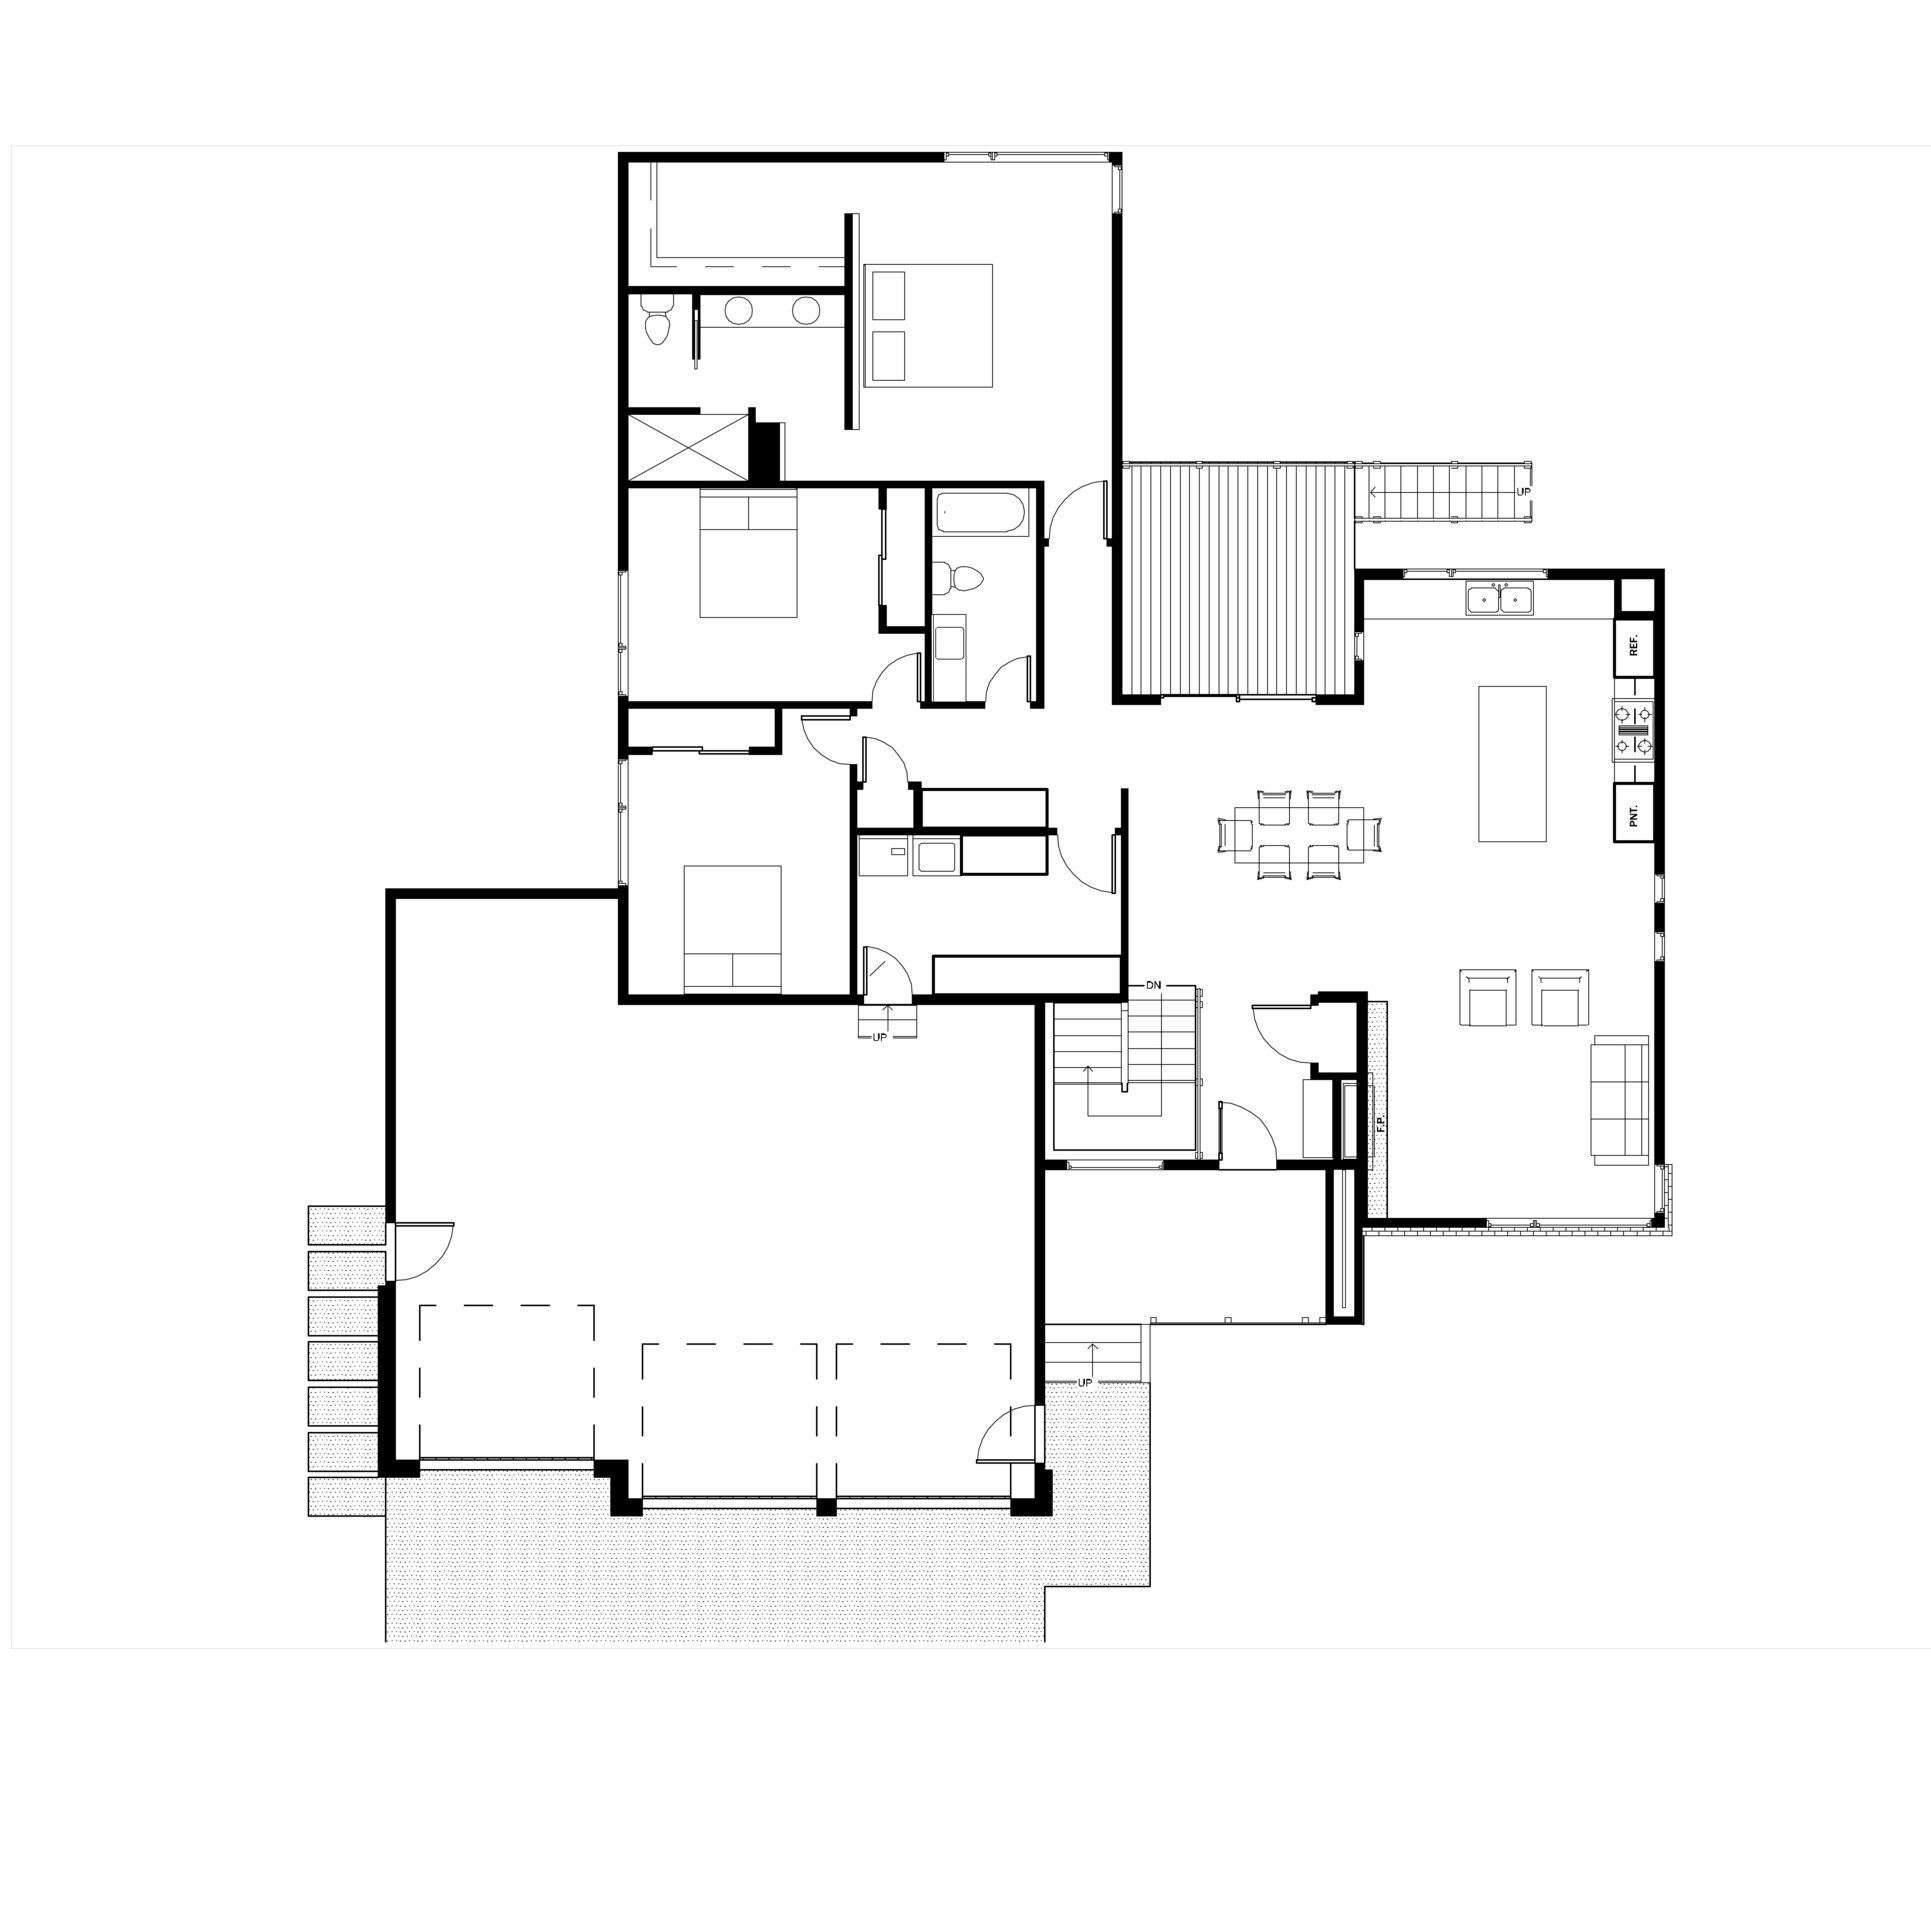 floor plan presentation test.png